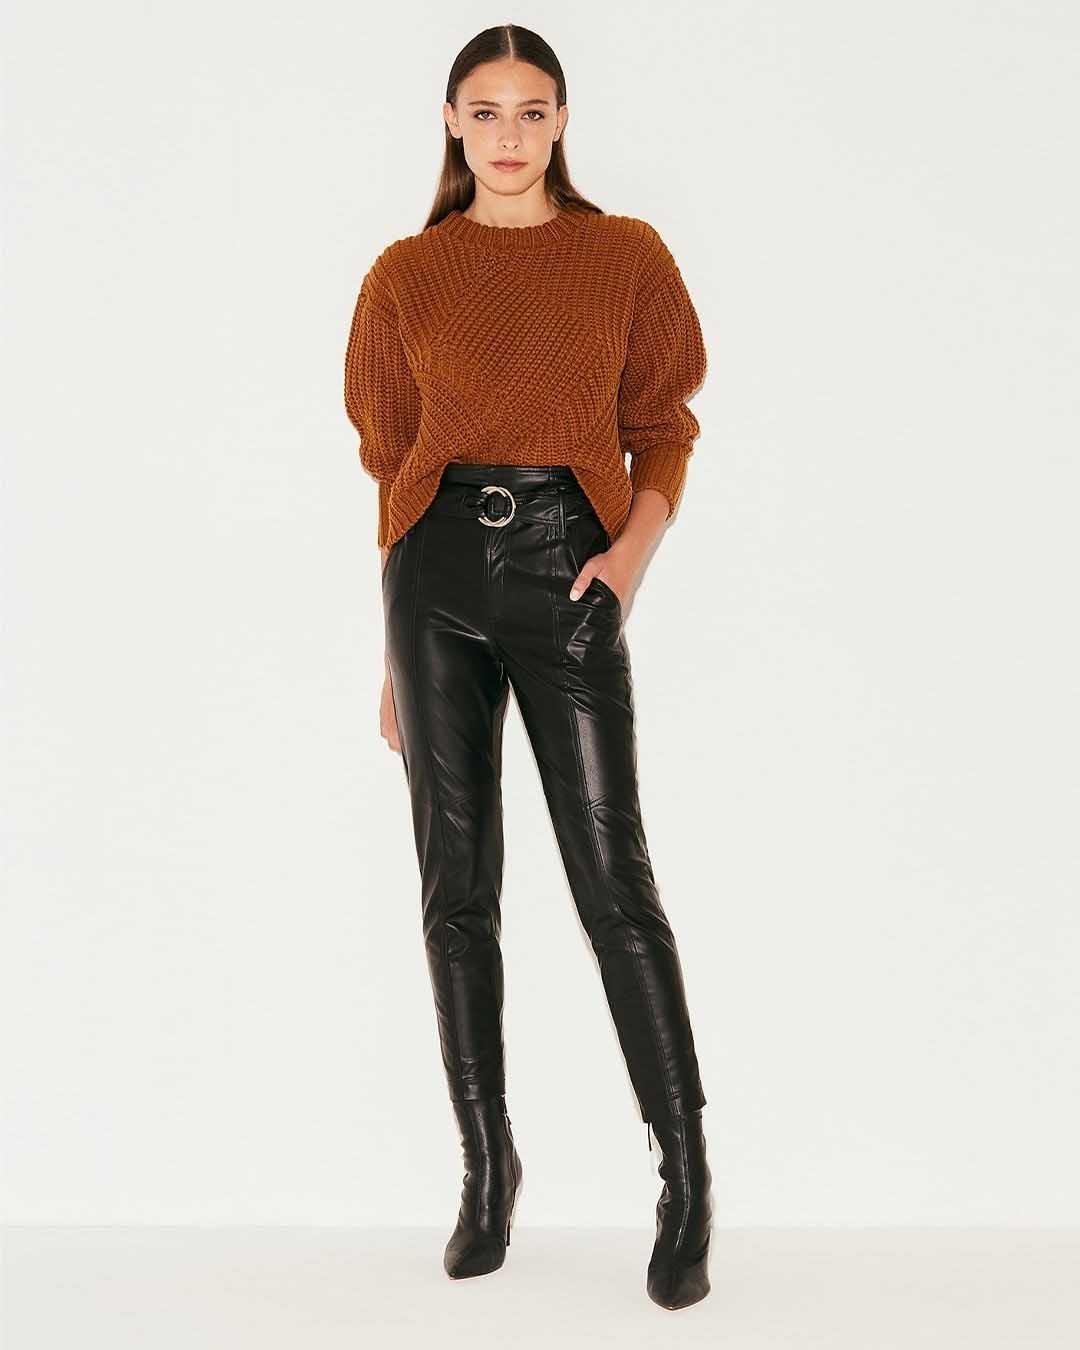 pantalones de cuero invierno 2021 moda mujer